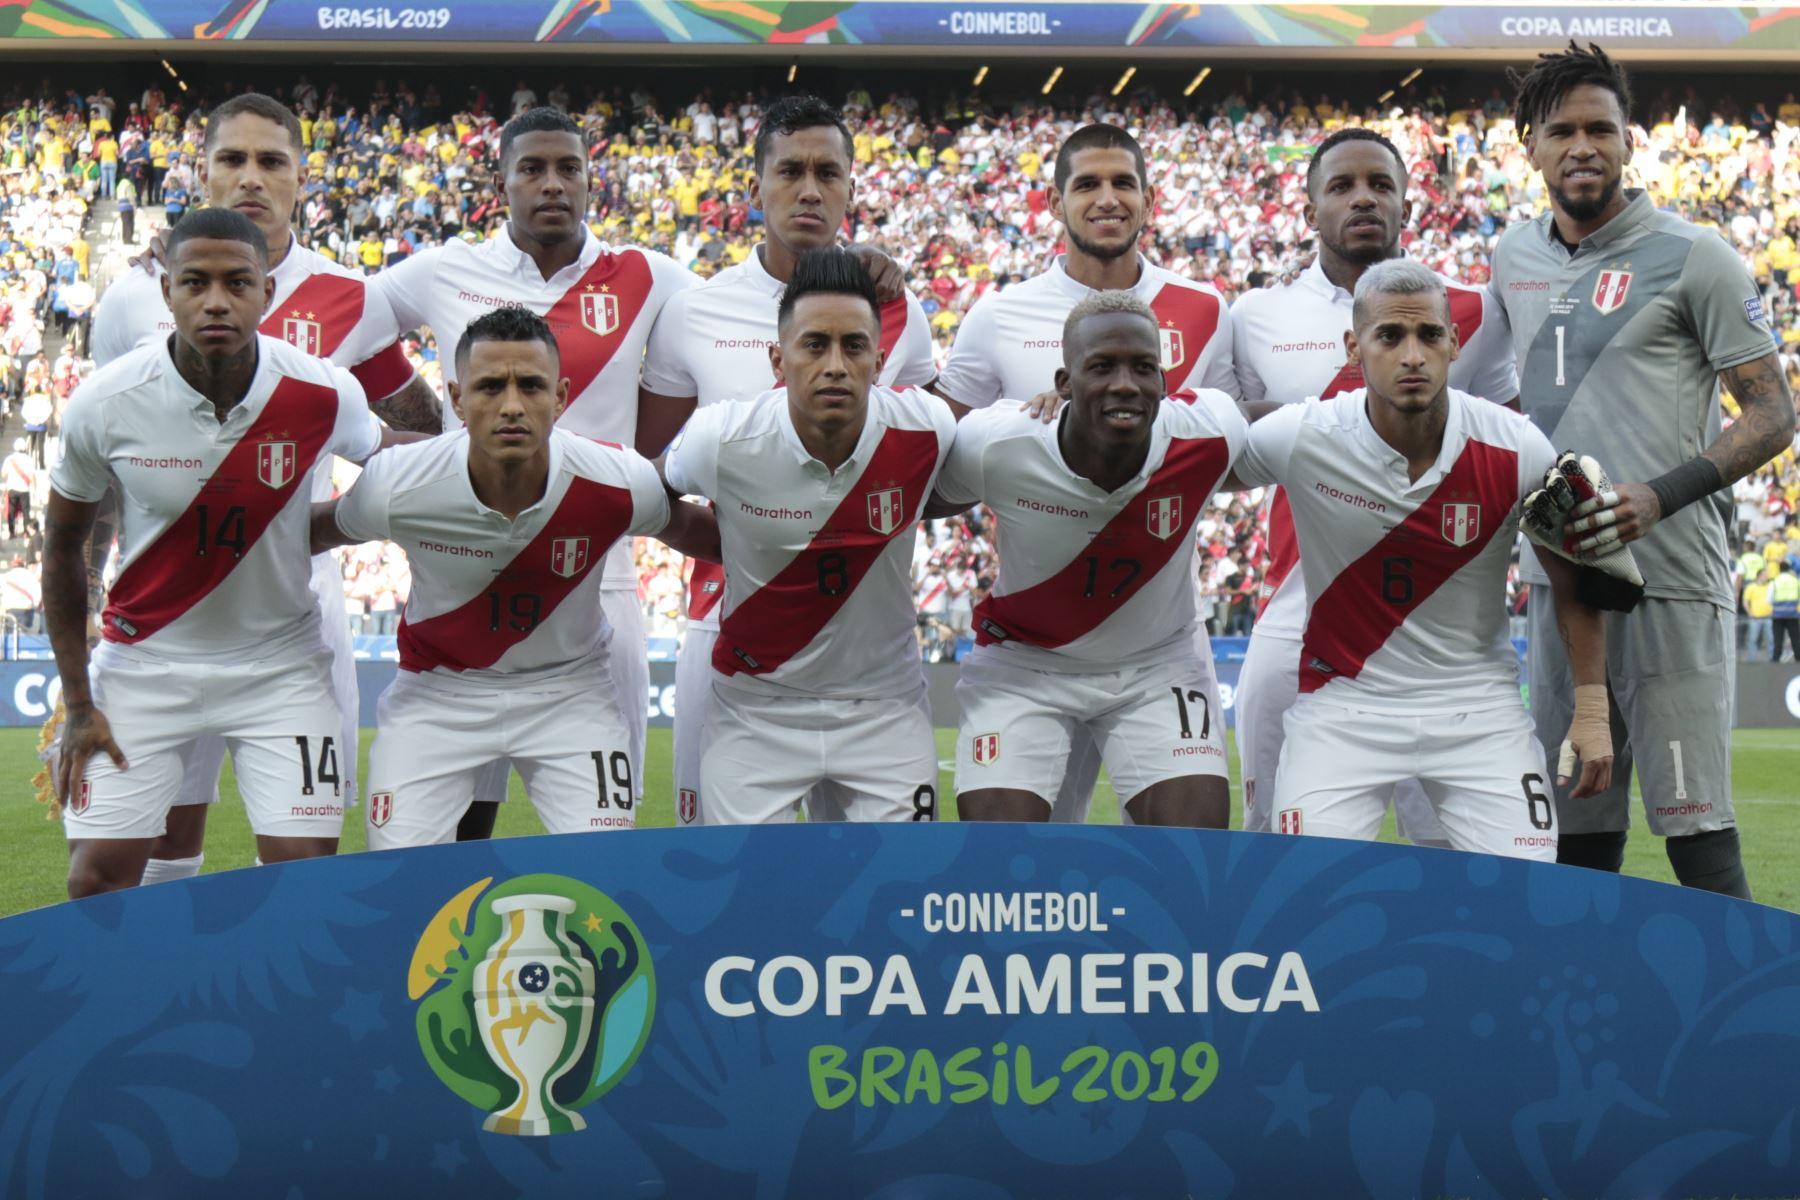 Los jugadores de Perú posan para las fotos antes de su partido de torneo de fútbol de la Copa América contra Brasil. Foto: AFP